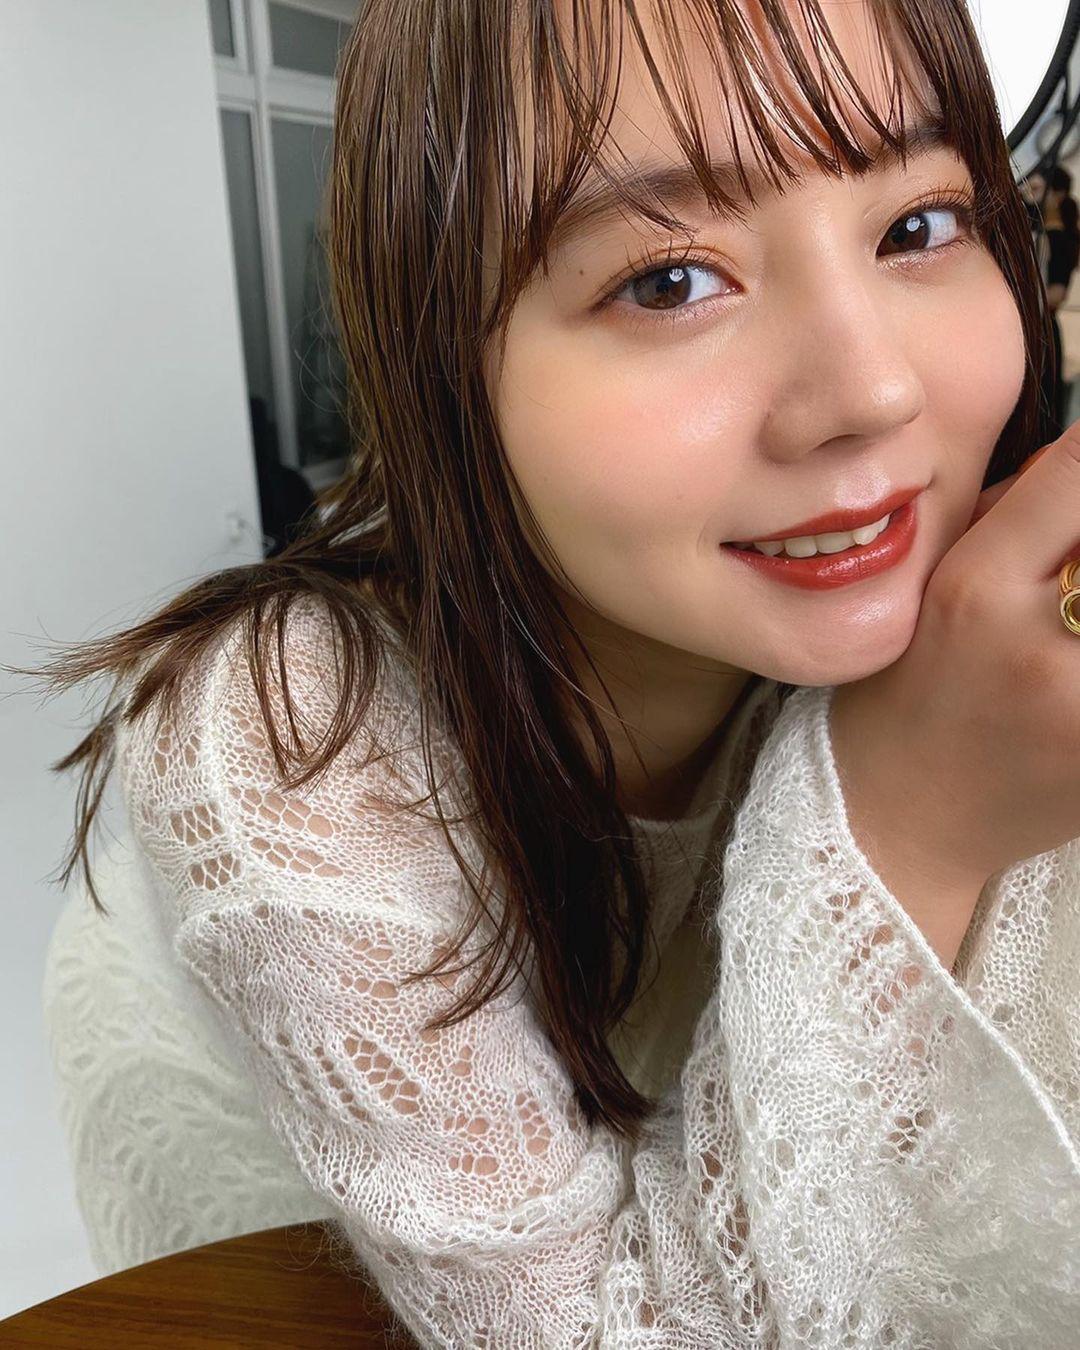 崛北真希妹妹NANAMI新生代清纯女 网络美女 第5张